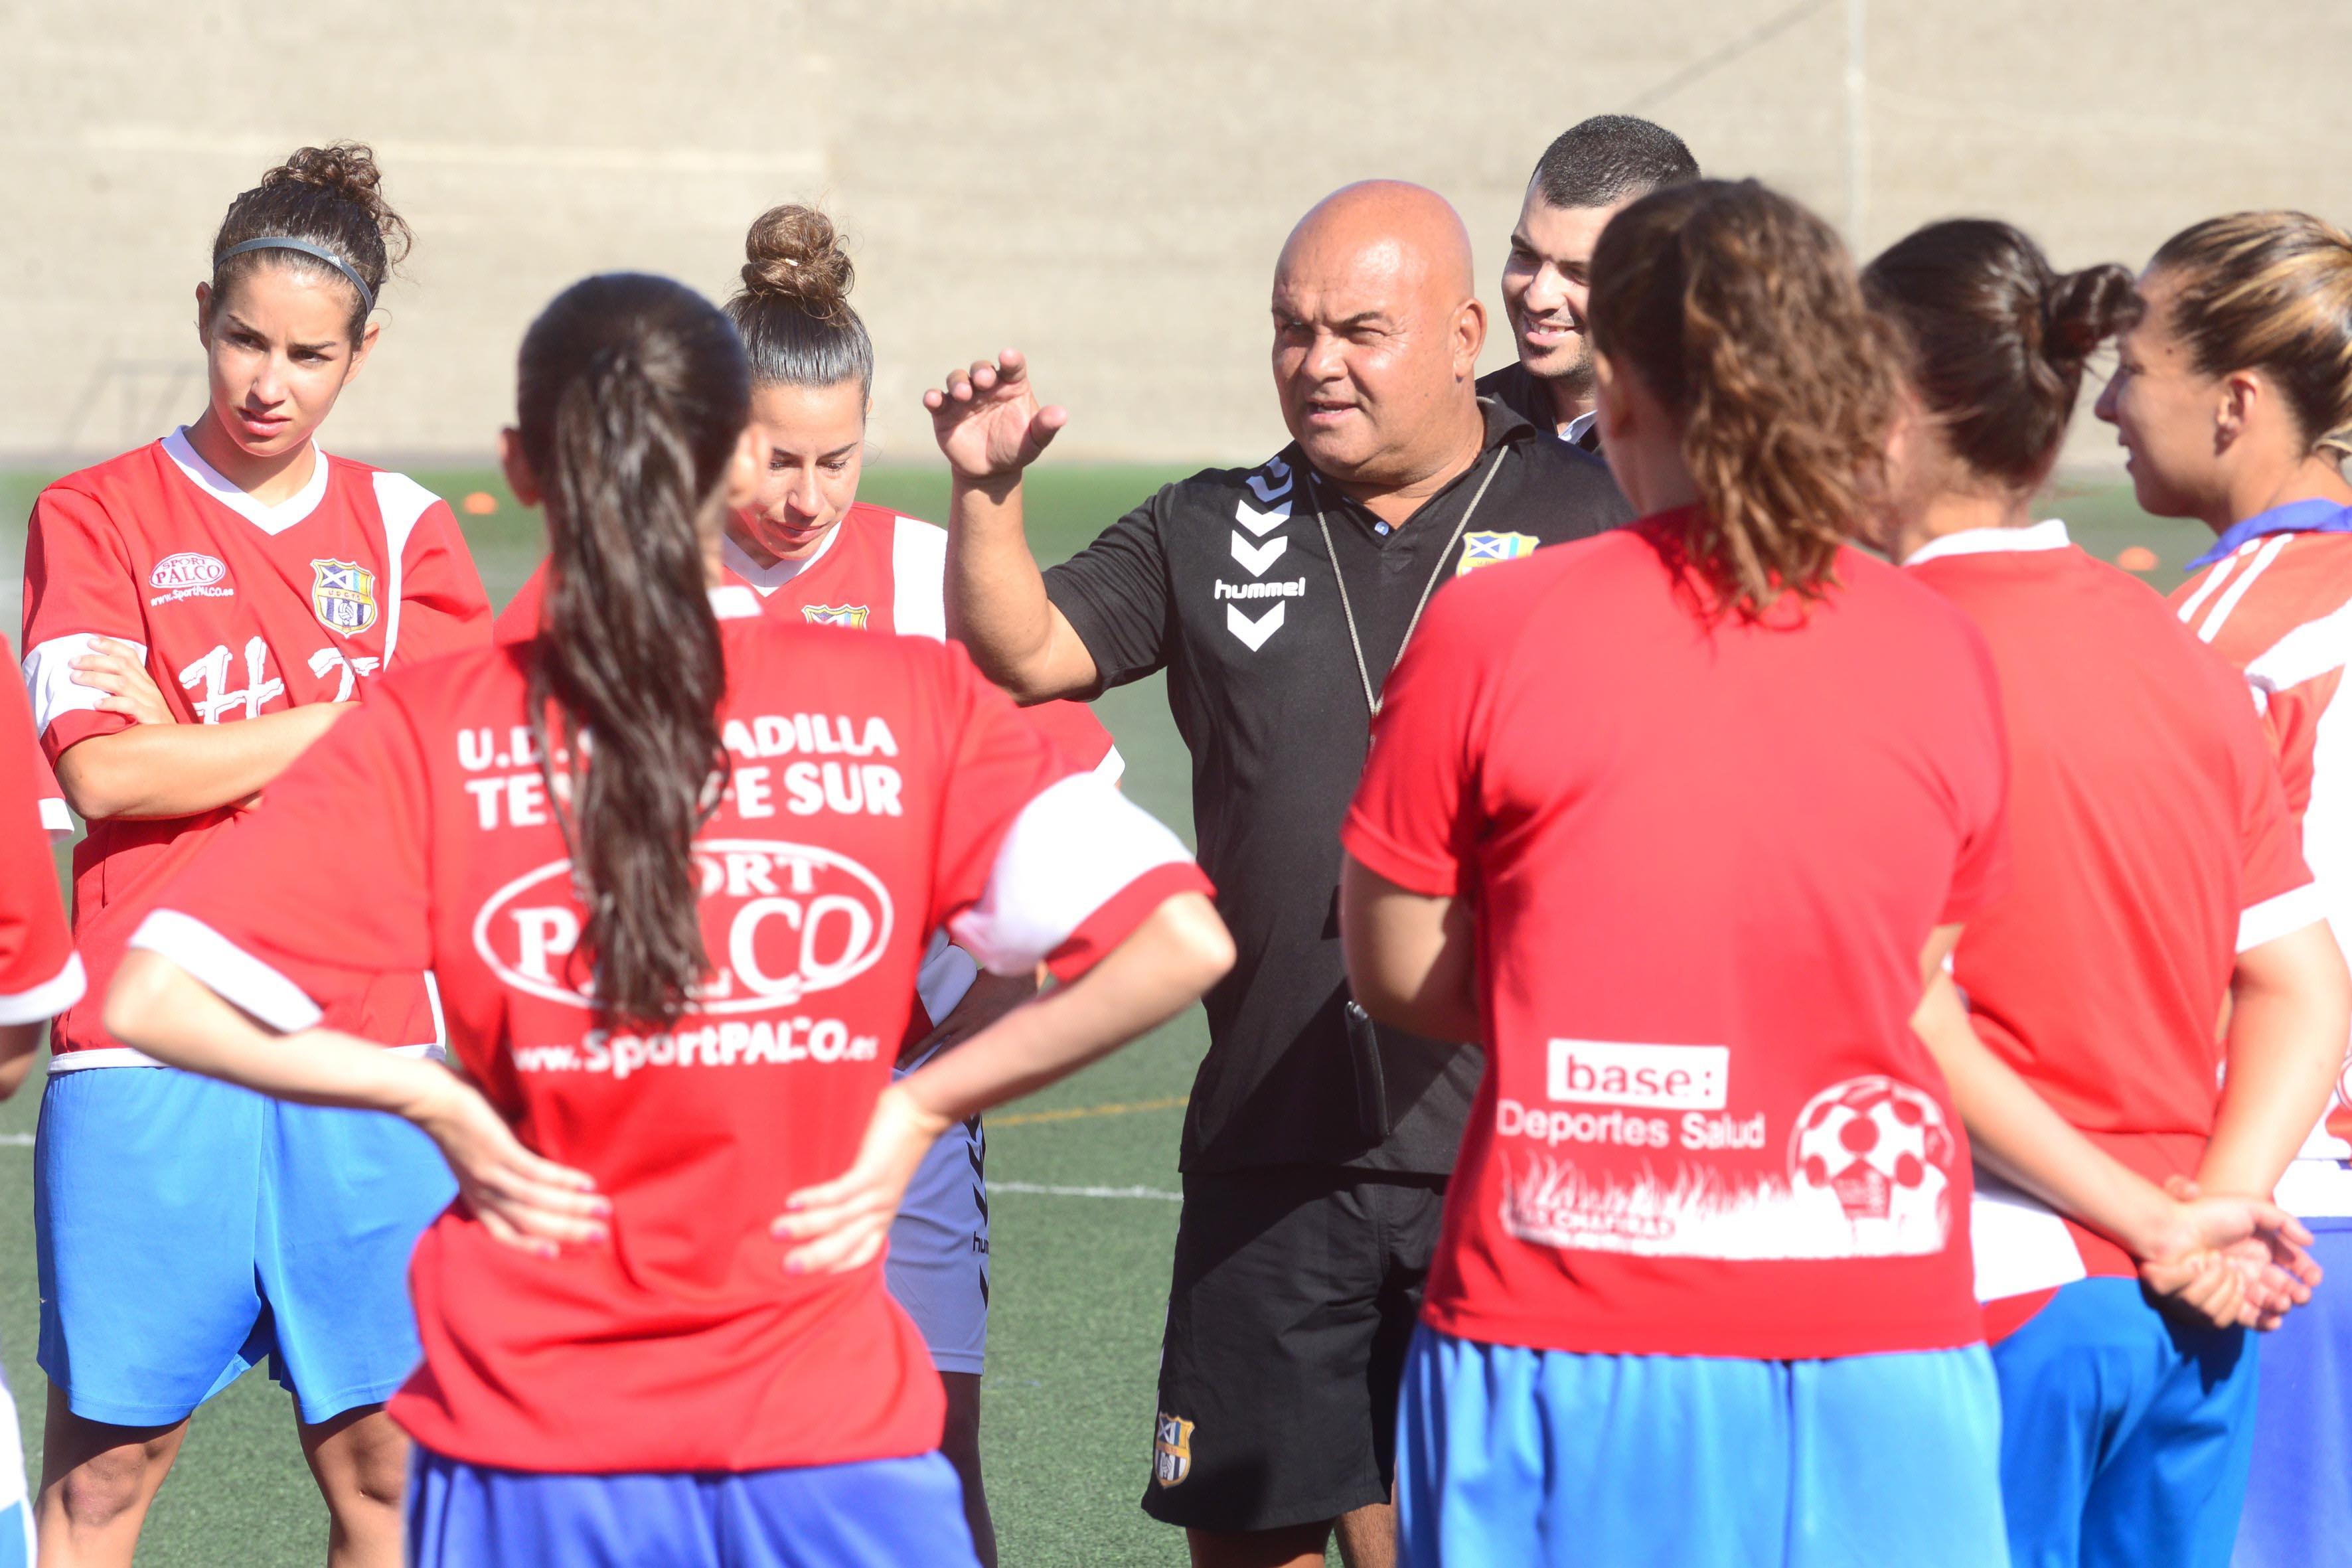 Toni Ayala y sus jugadoras se muestran confiados en volver a la senda del triunfo. / sergio méndez